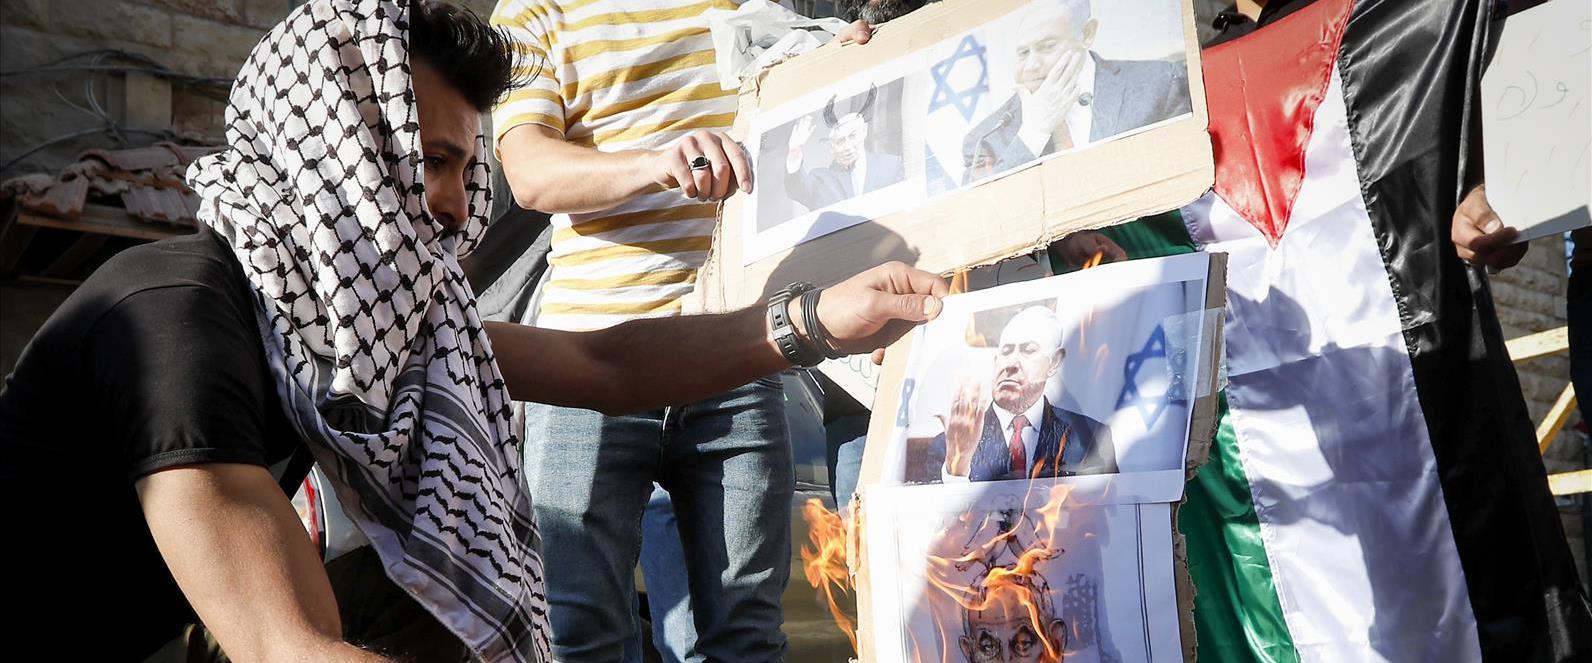 שריפת תמונות של נתניהו במחאה נגד דבריו בחברון